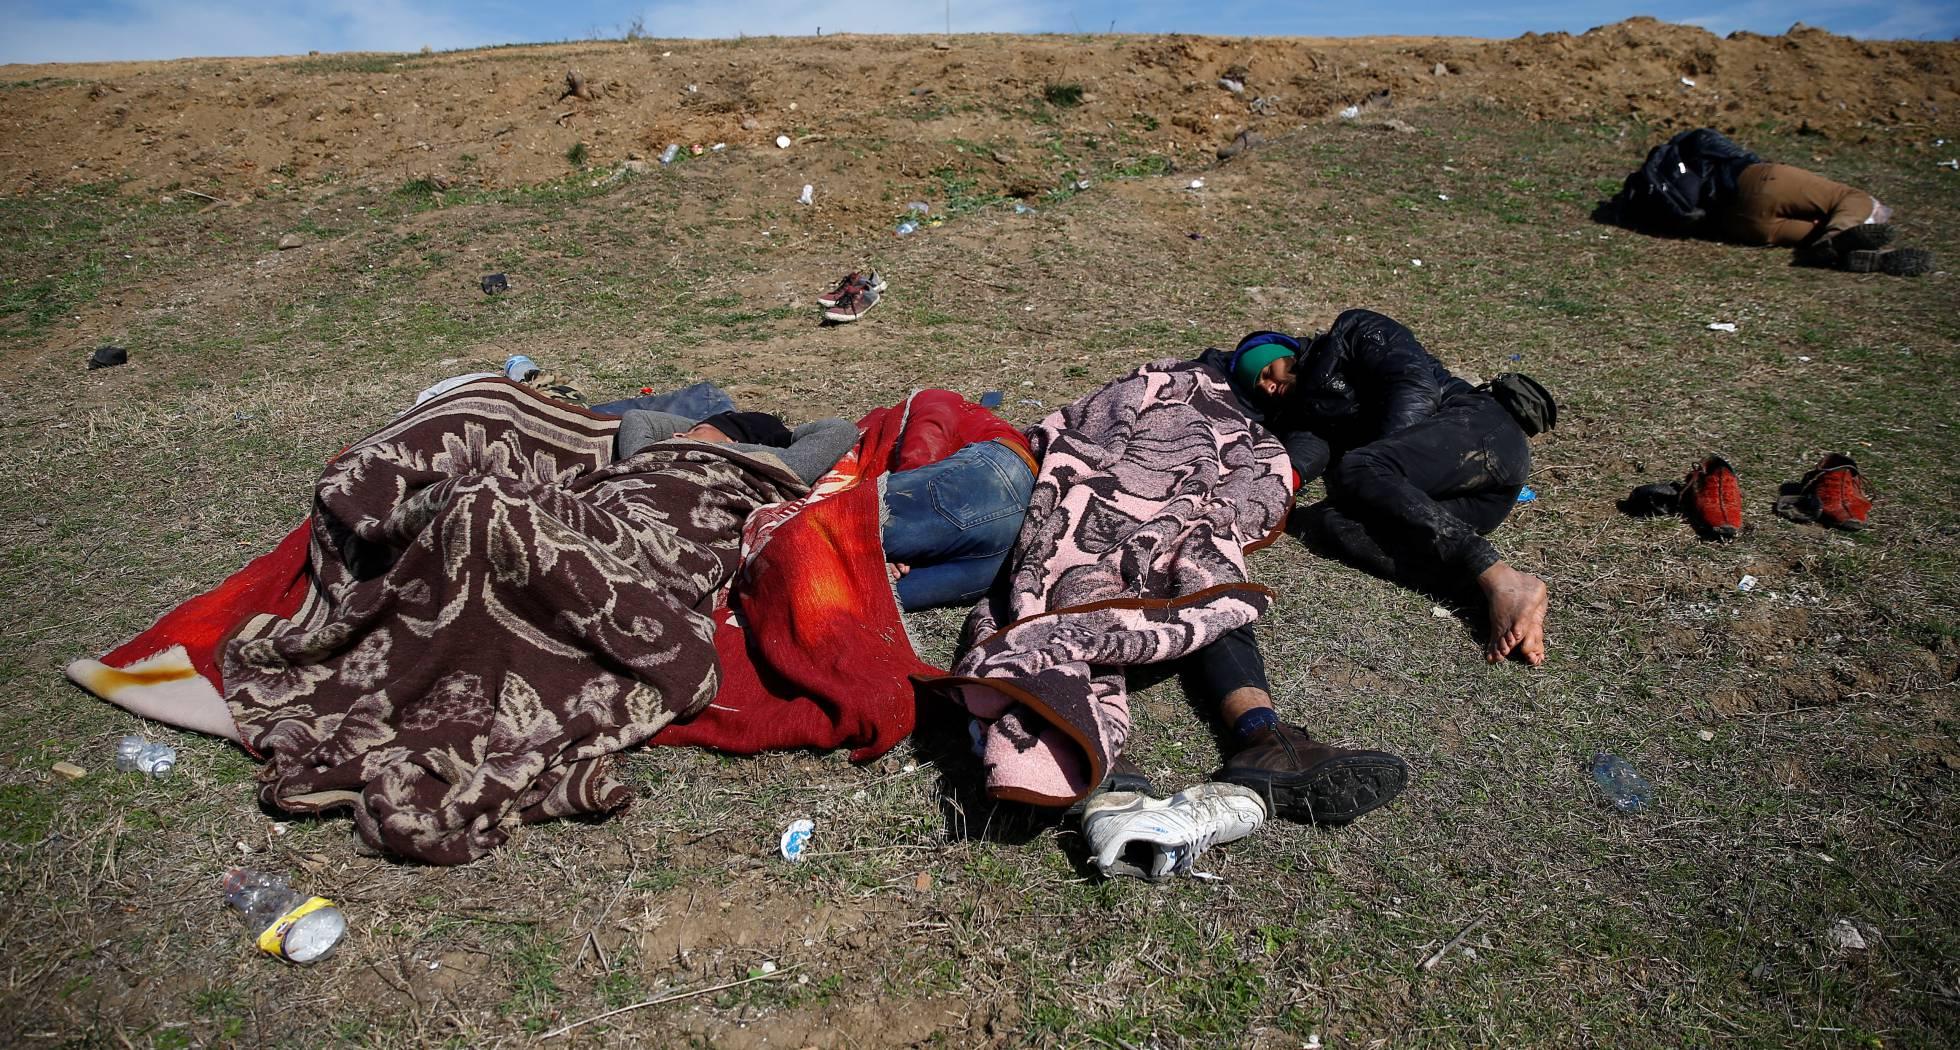 بالصور أزمة الهجرة بين تركيا واليونان